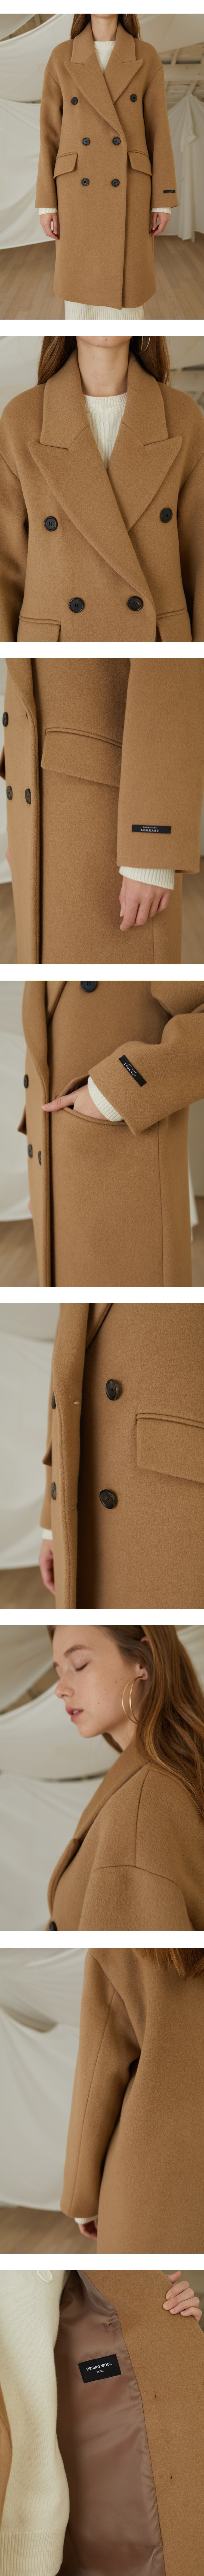 룩캐스트(LOOKAST) BEIGE BASIC OVERFIT WOOL DOUBLE COAT